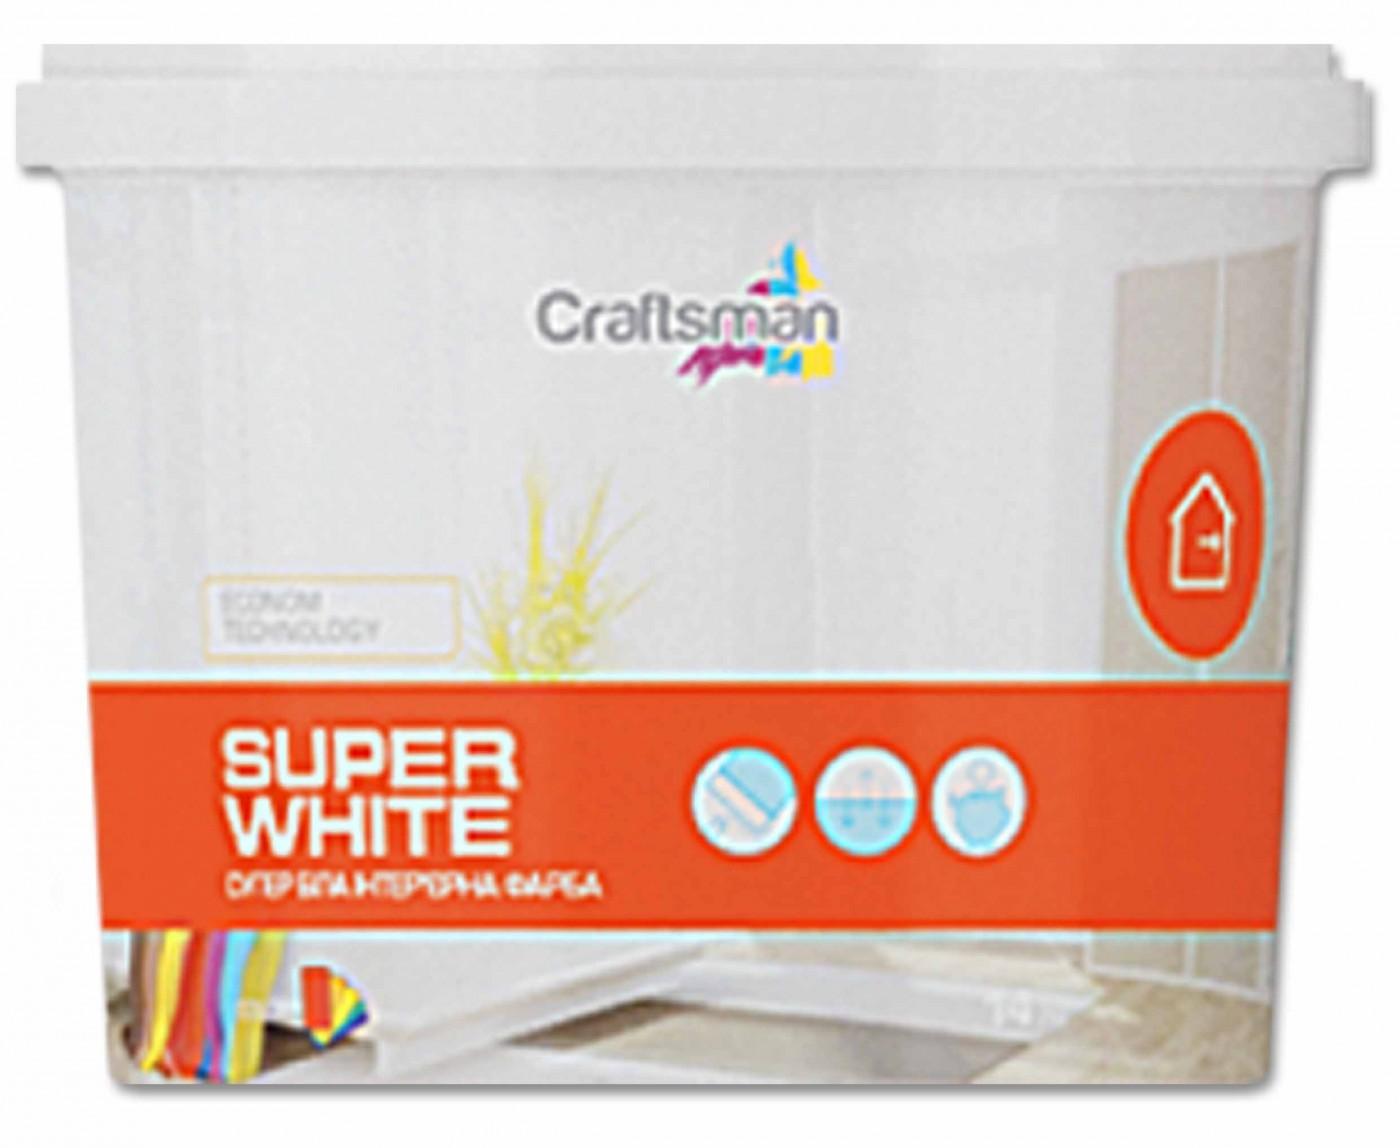 Super white